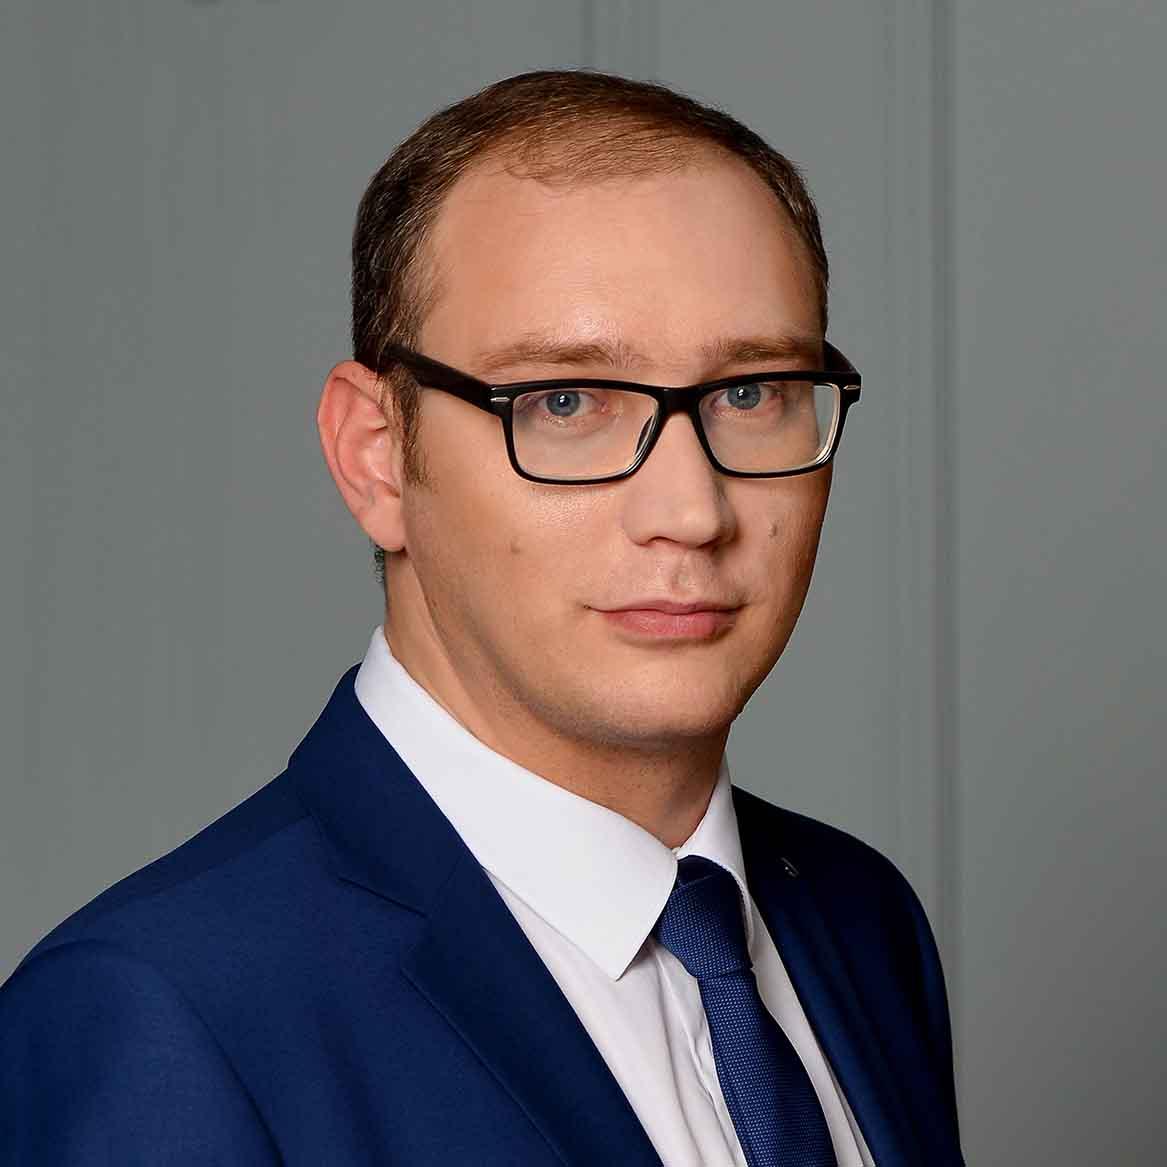 «Просто мобильная связь клиентов уже не интересует». Петр Кушиков, директор по развитию и управлению продуктами Danycom